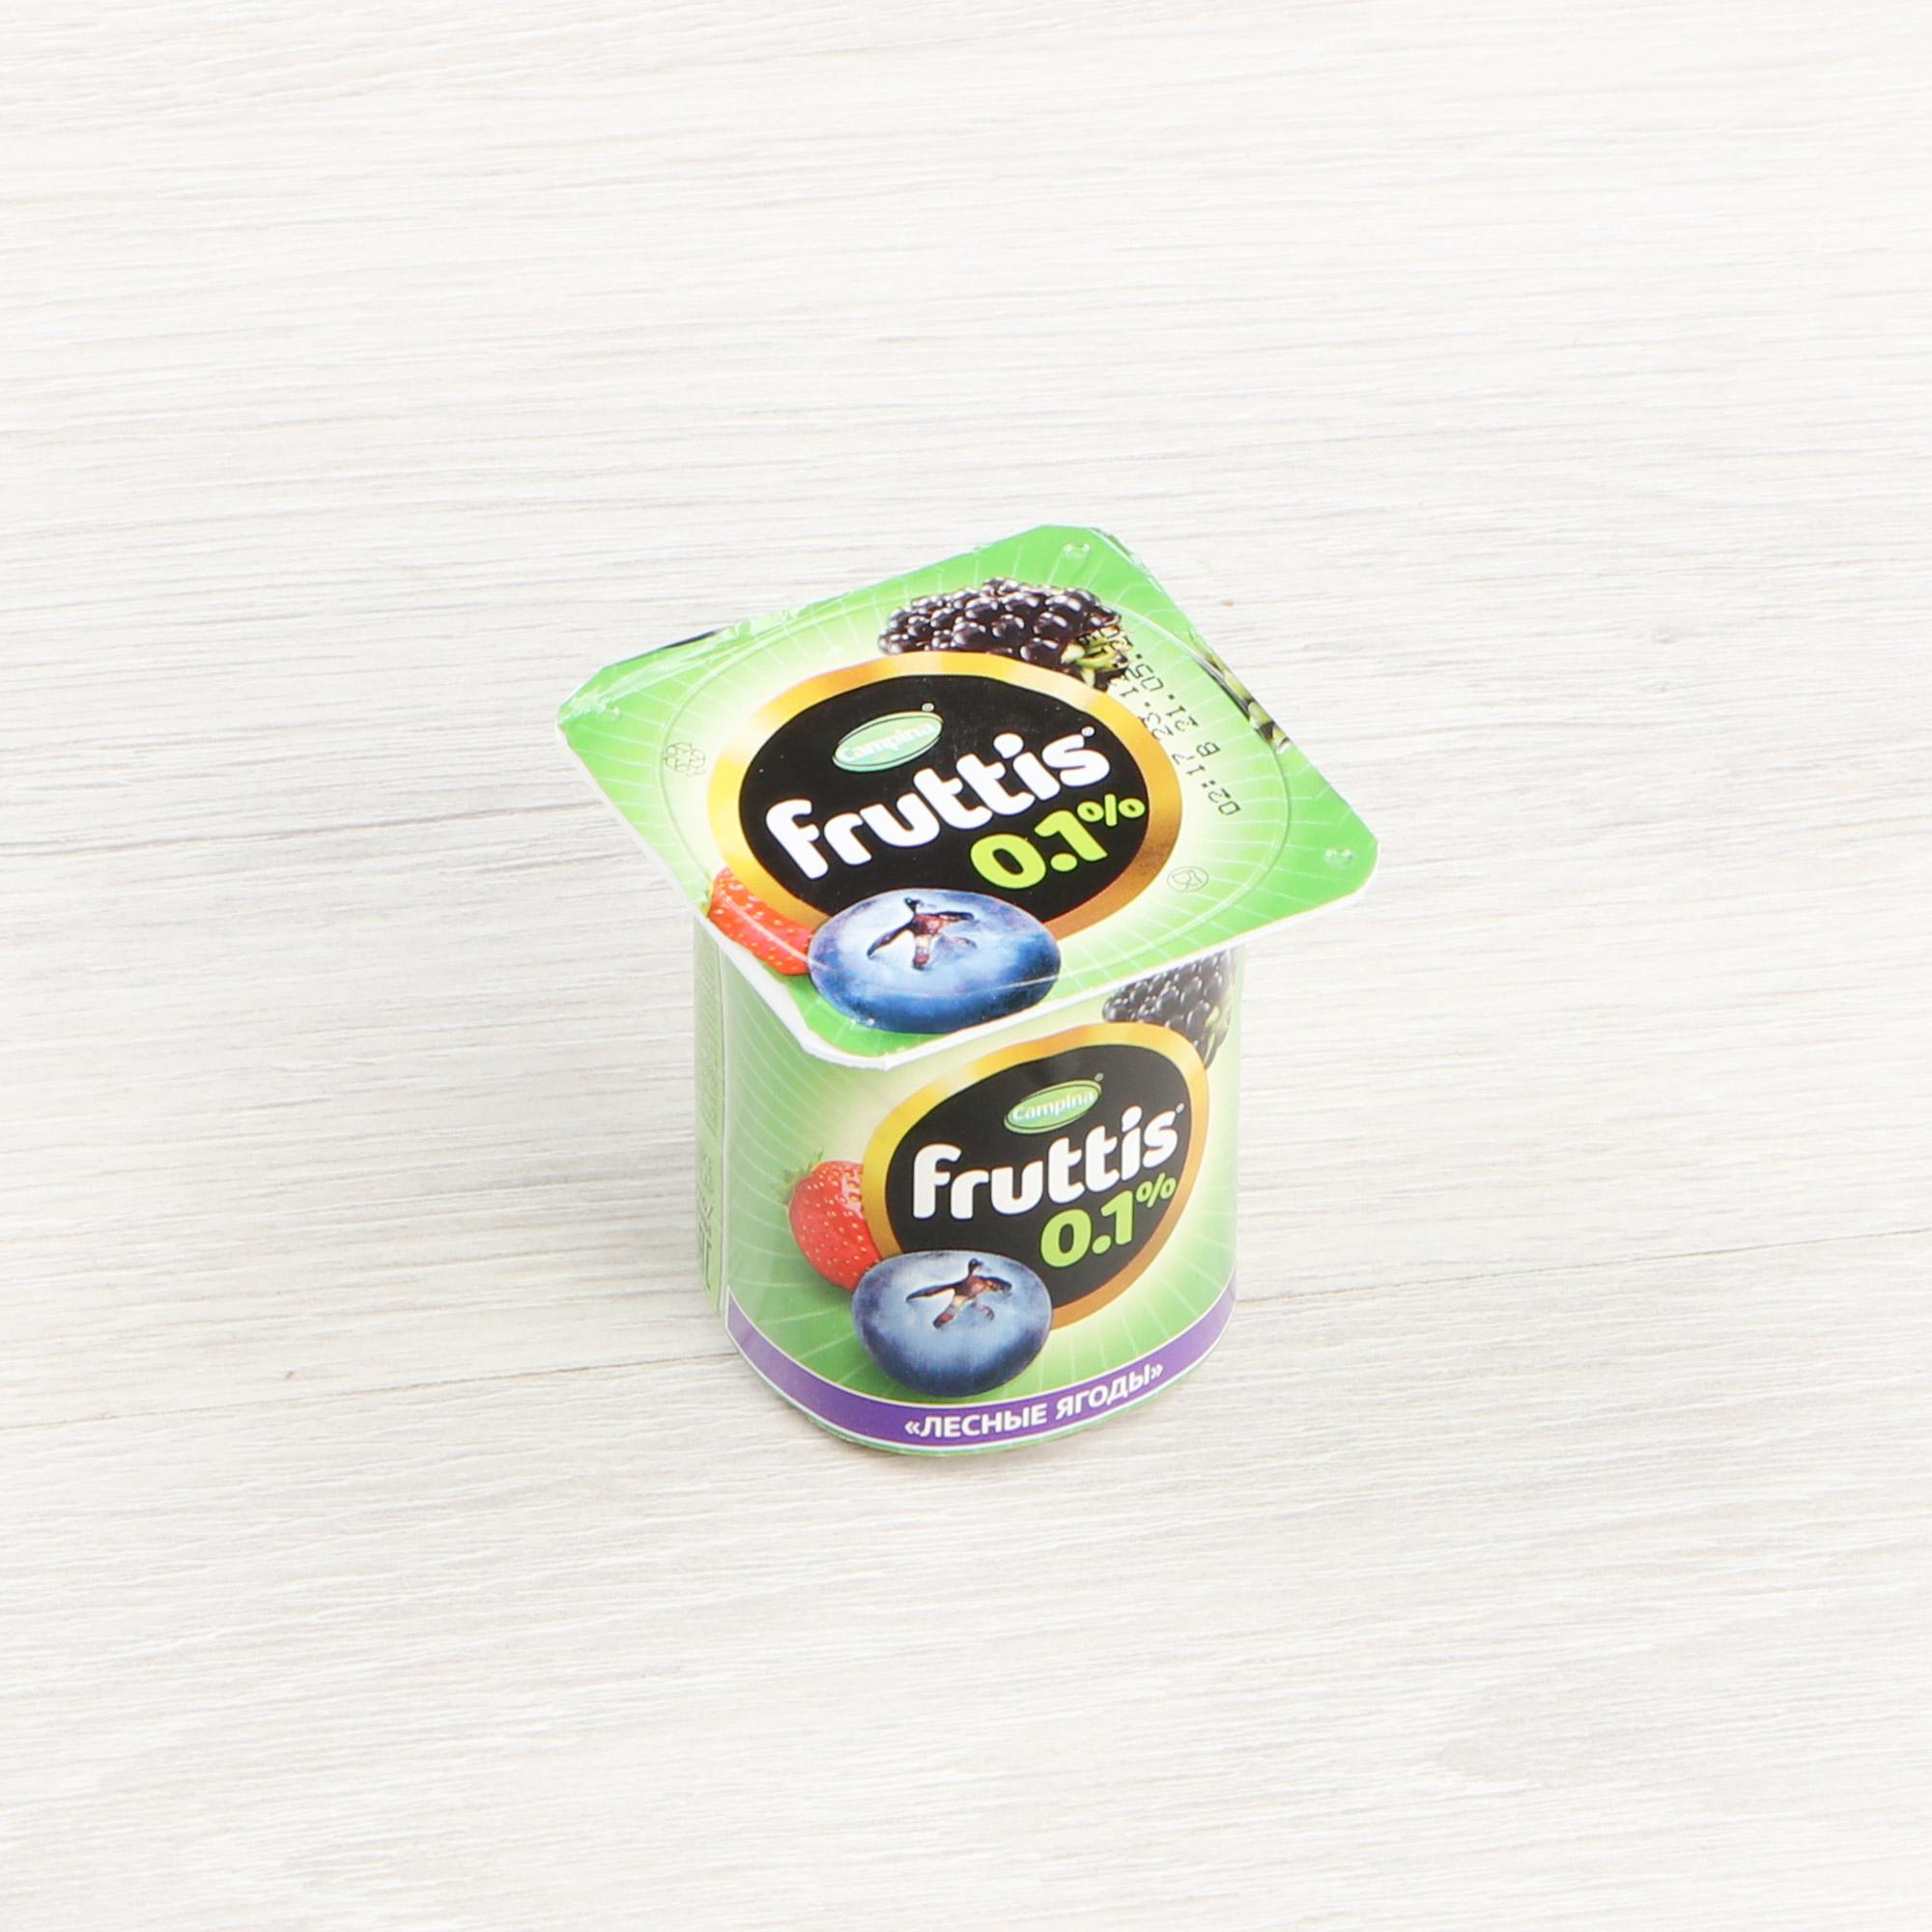 Фото - Йогурт Campina Fruttis Легкий Лесные ягоды, ананас, дыня 0,1% 110 г йогурт campina fruttis легкий клубника 0 1% 110 г